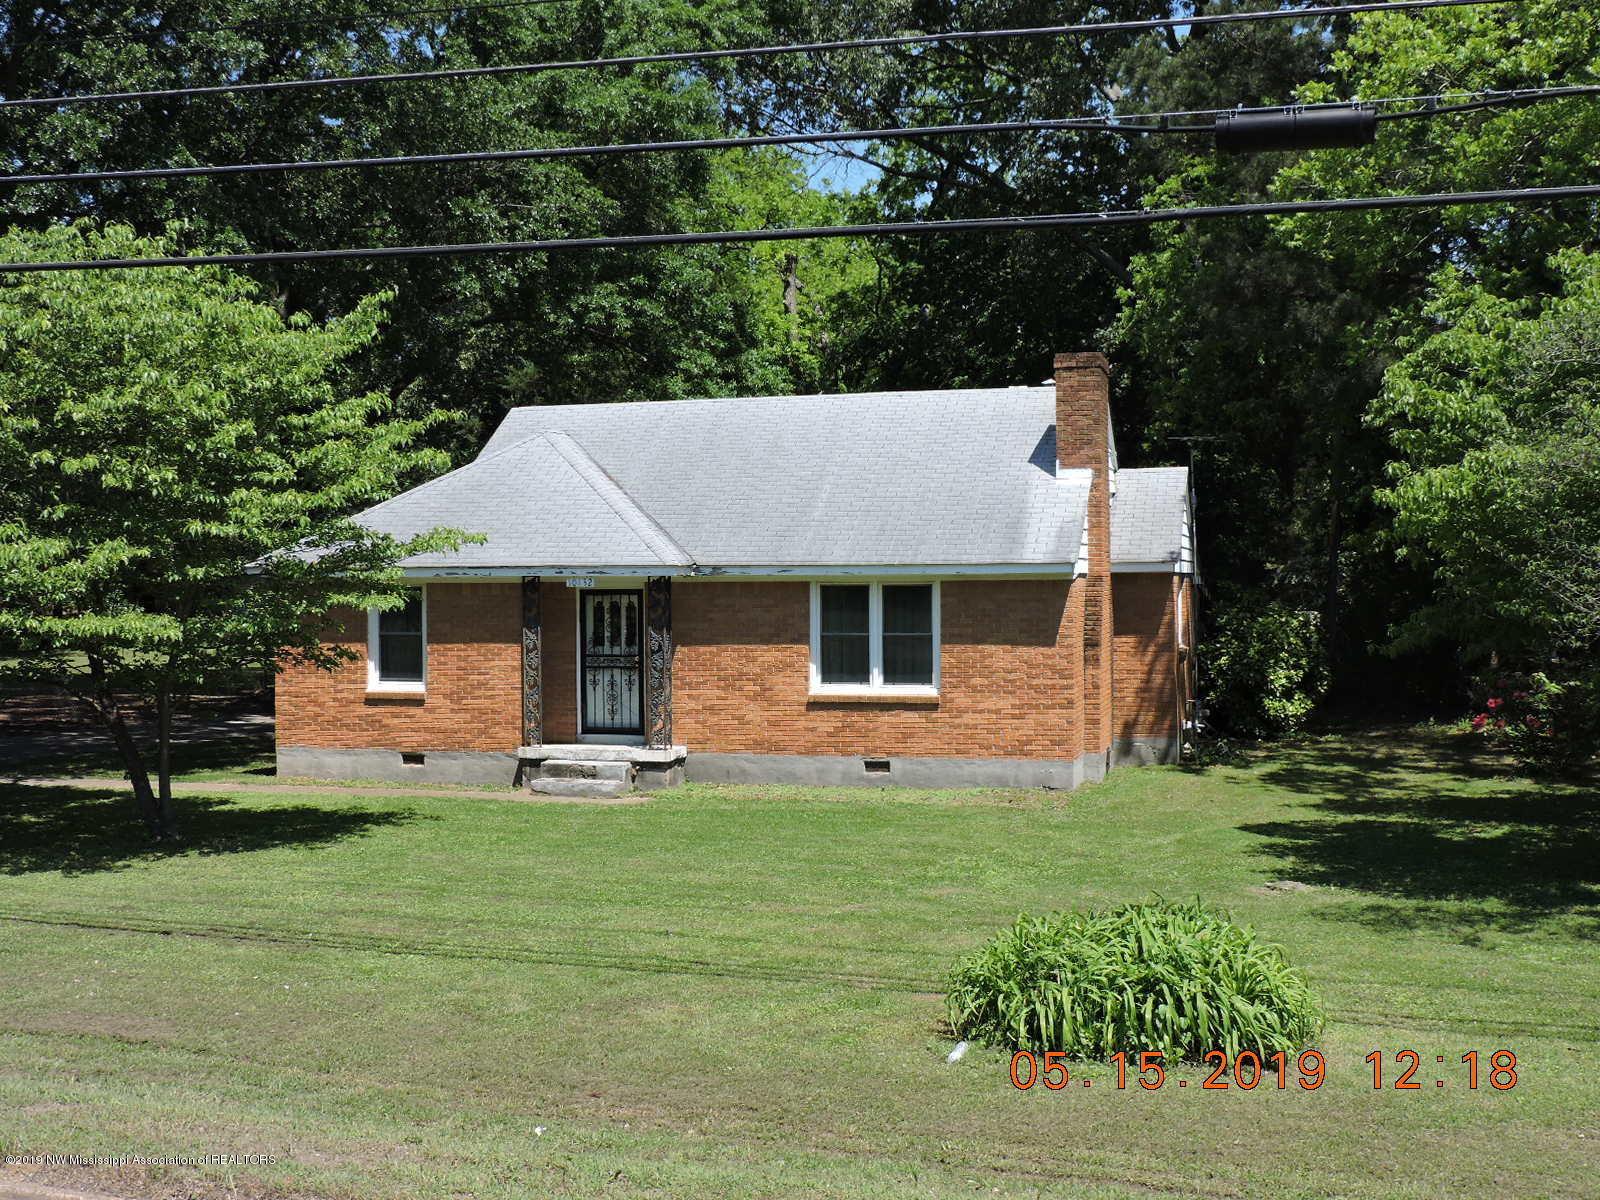 10132 Goodman Rd, Olive Branch, Mississippi